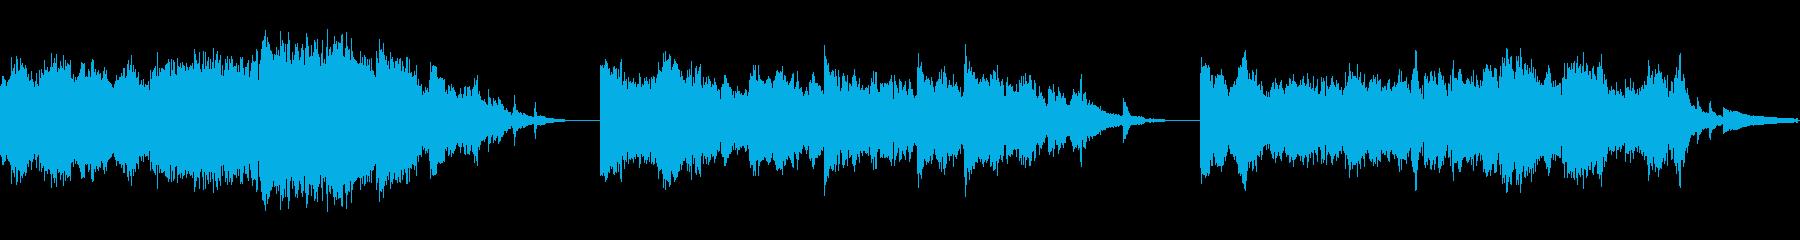 現代的 交響曲 プログレッシブ ド...の再生済みの波形